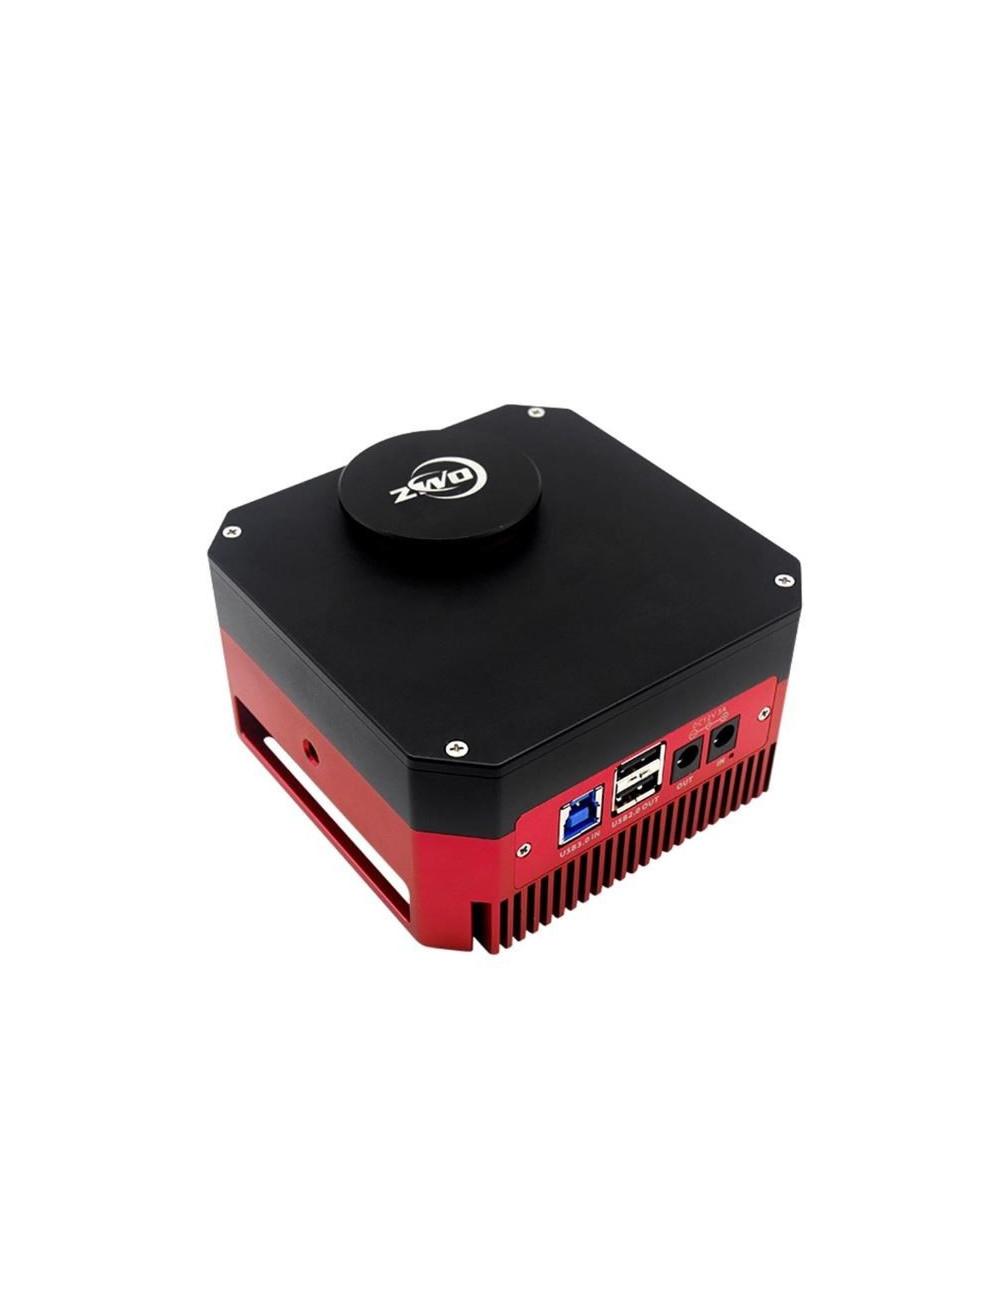 Camera monochrome ZWO ASI1600GT avec roue à filtres intégrée